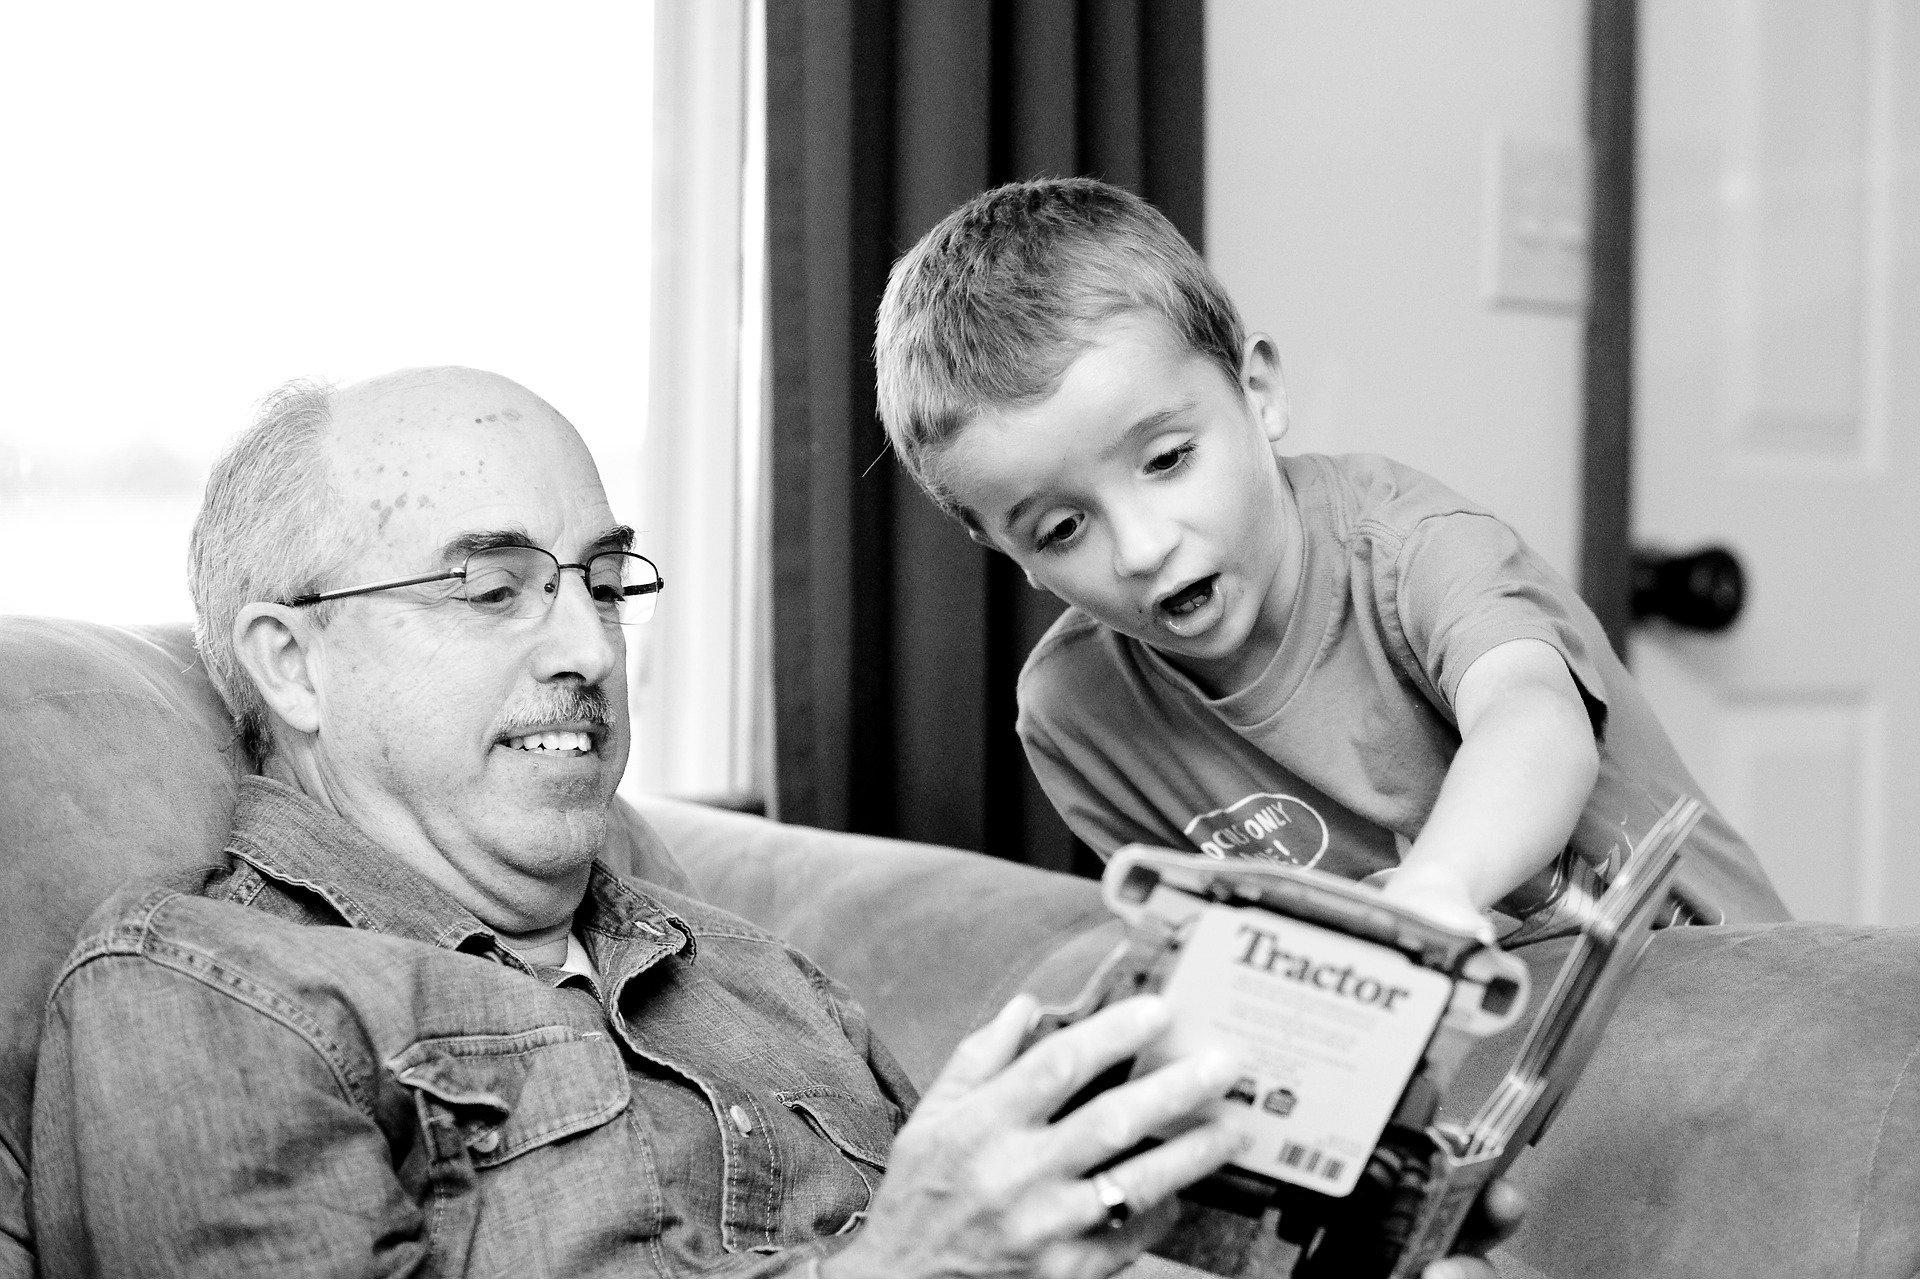 Przyjmij te życzenia dziadku, życzenia i wierszyki na Dzień Dziadka